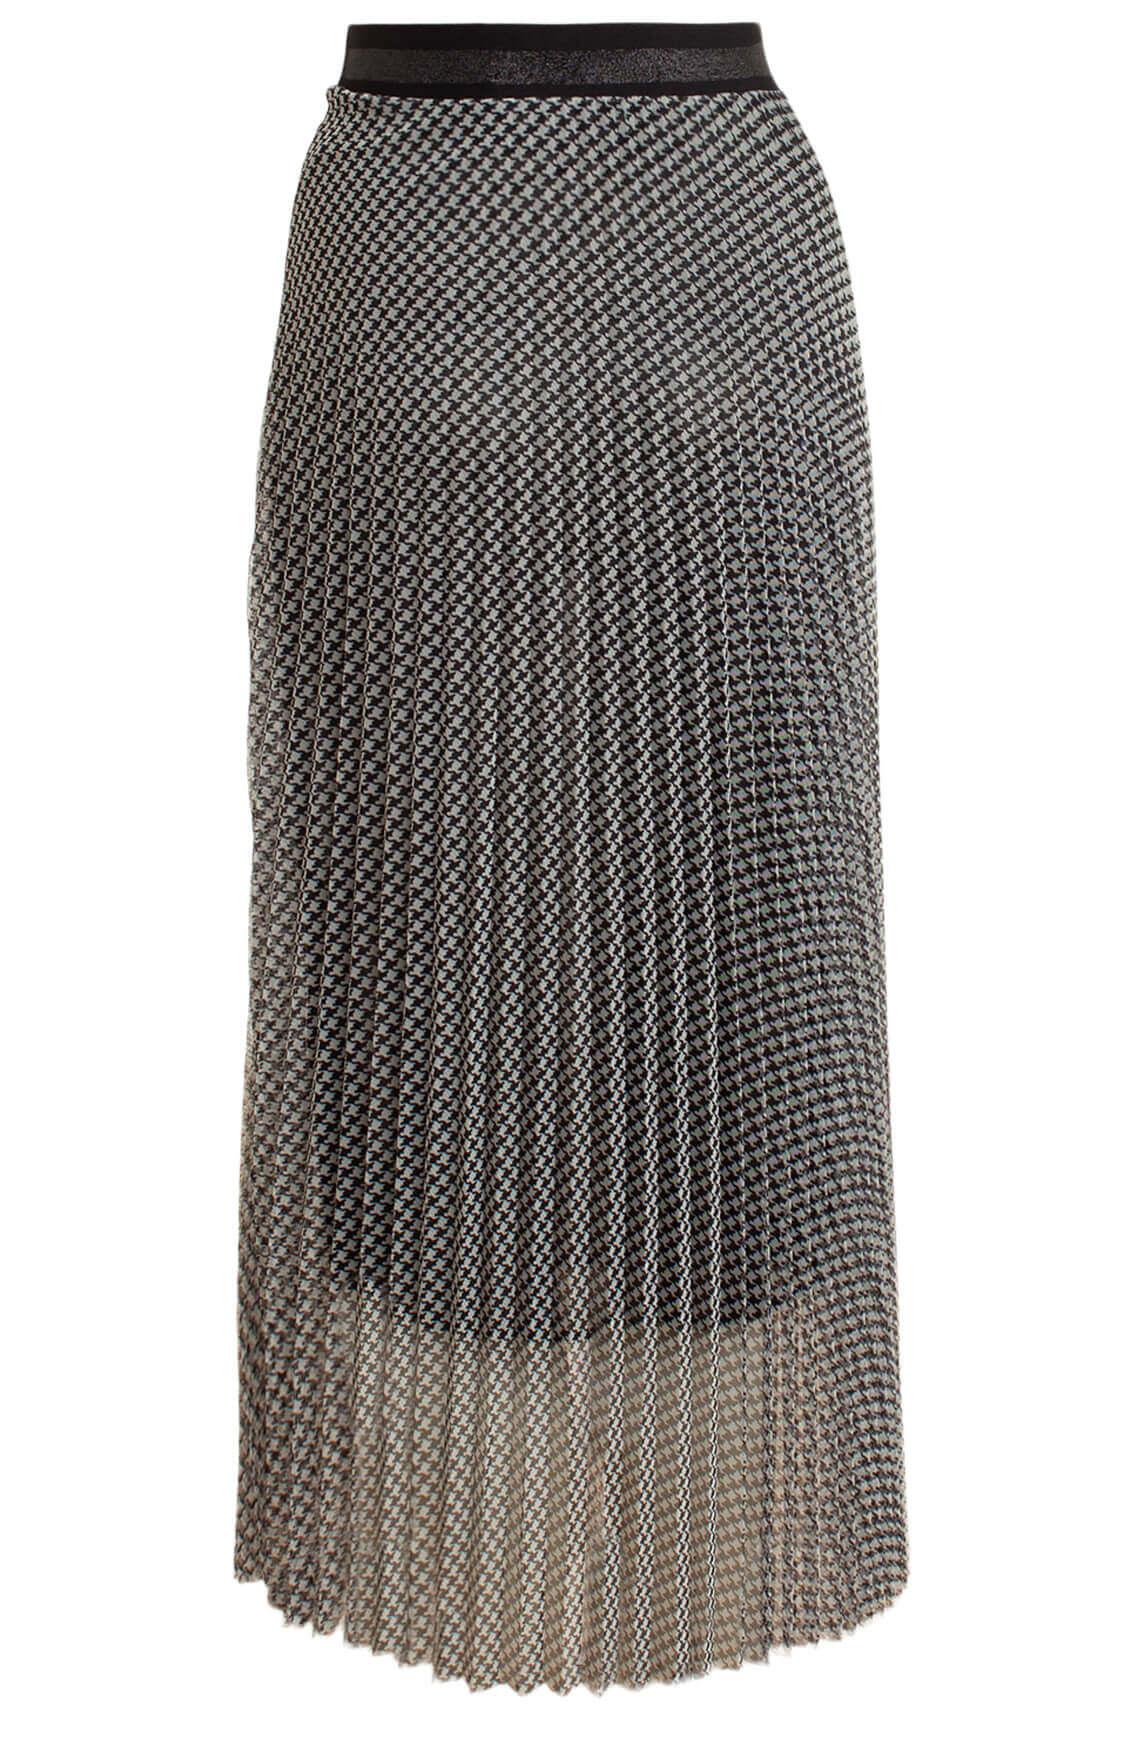 Anna Dames Pied-de-poule plissé rok zwart